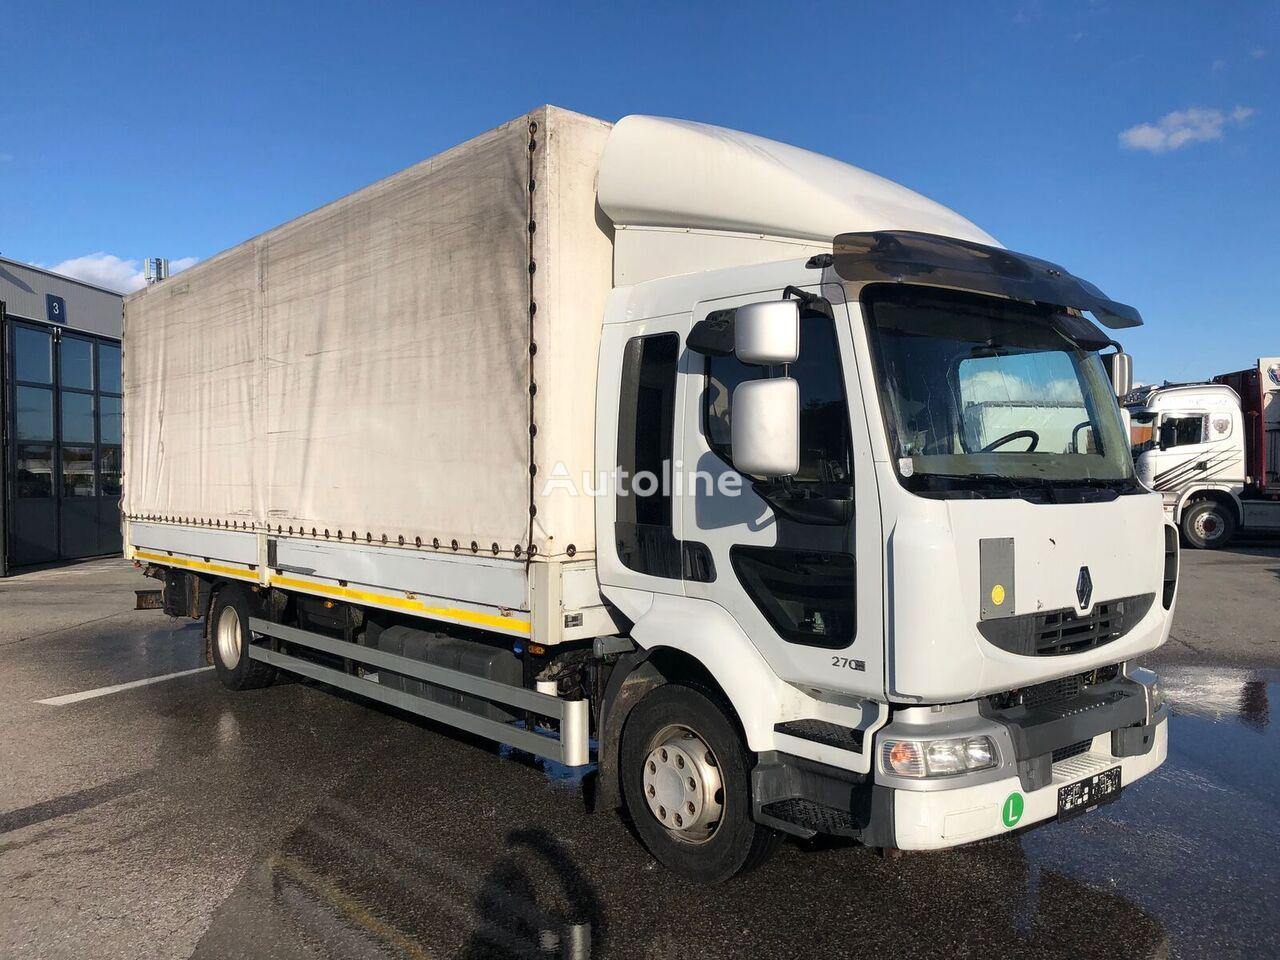 RENAULT Midlum 270.14 kamion s ceradom